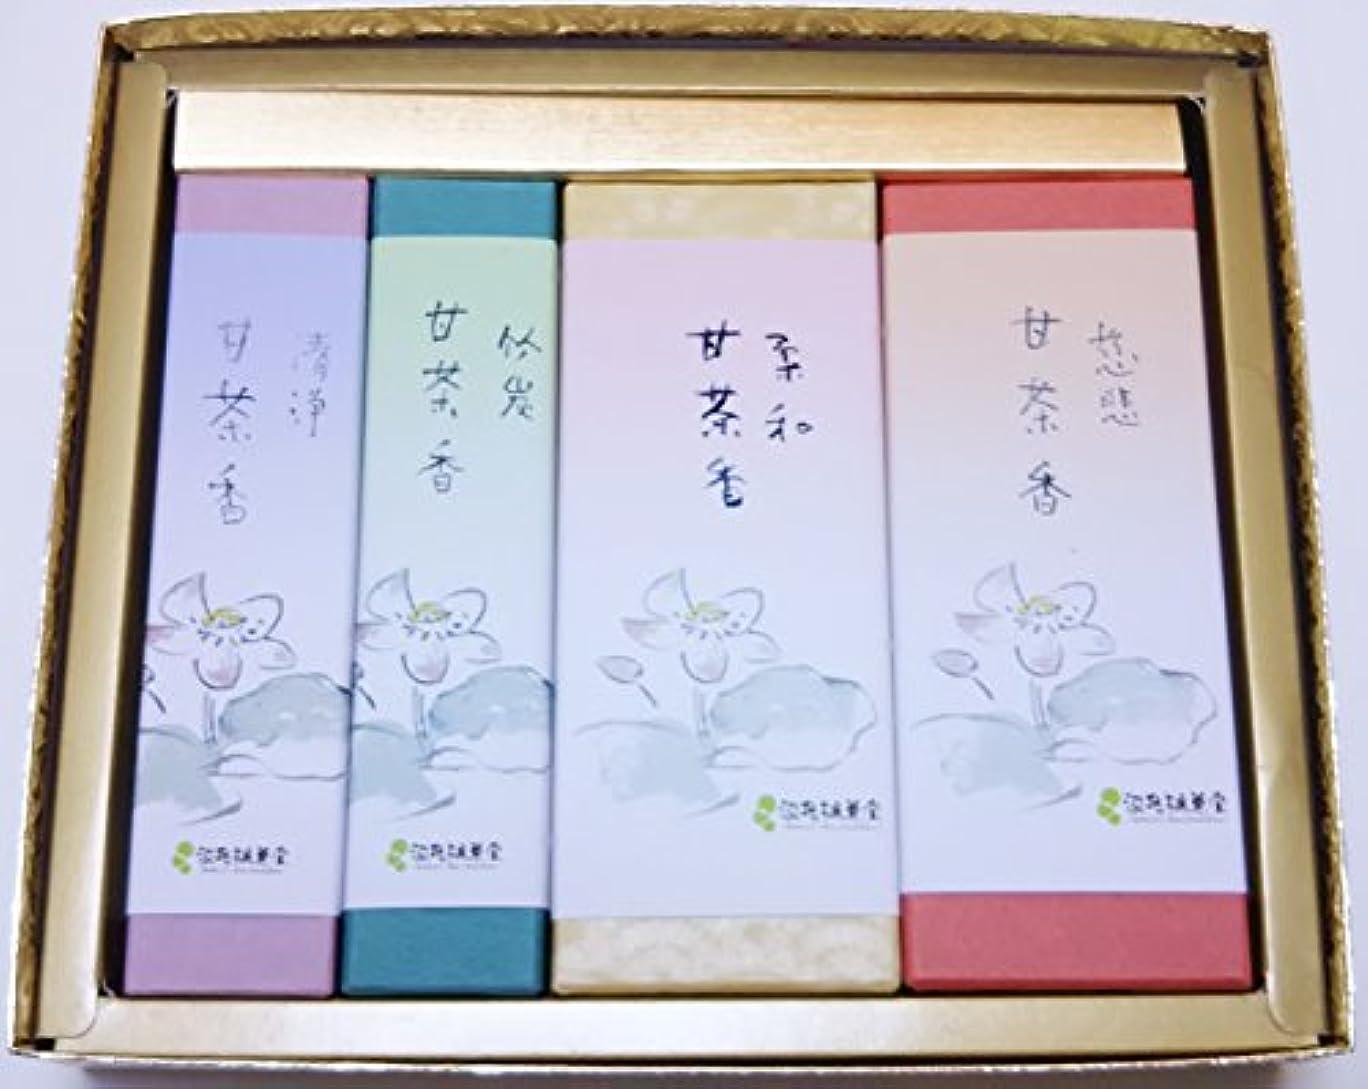 レジデンス驚くべき収益淡路梅薫堂 の 淡路島 神仏お好み甘茶の贈答用お線香ギフトセット #k106